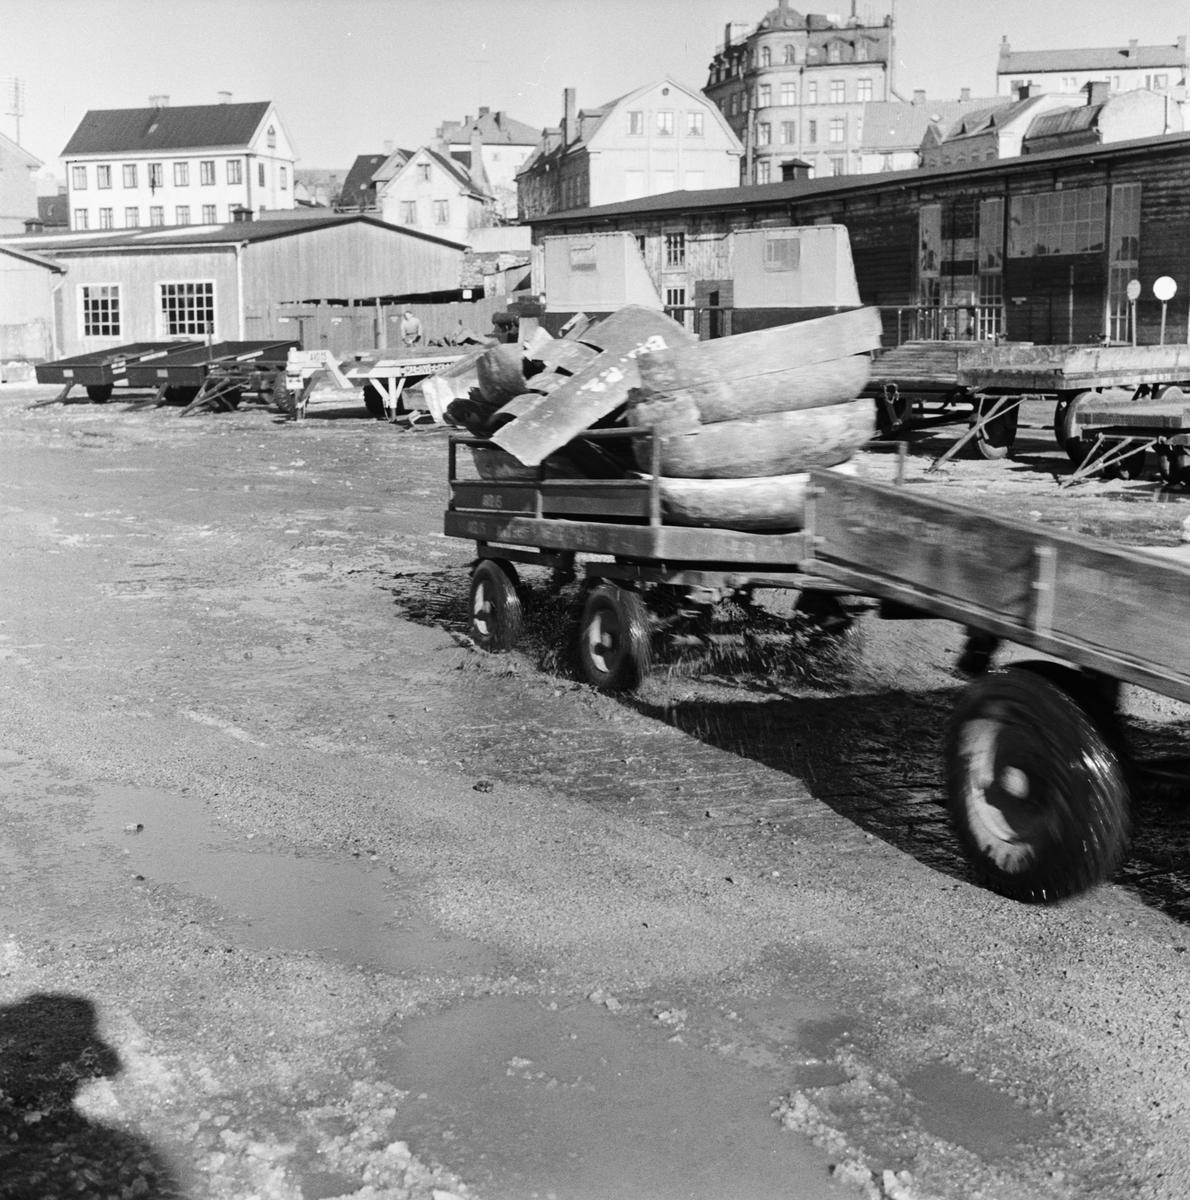 Övrigt: Foto datum: 3/3 1956 Byggnader och kranar Gaffeltruck i arbete